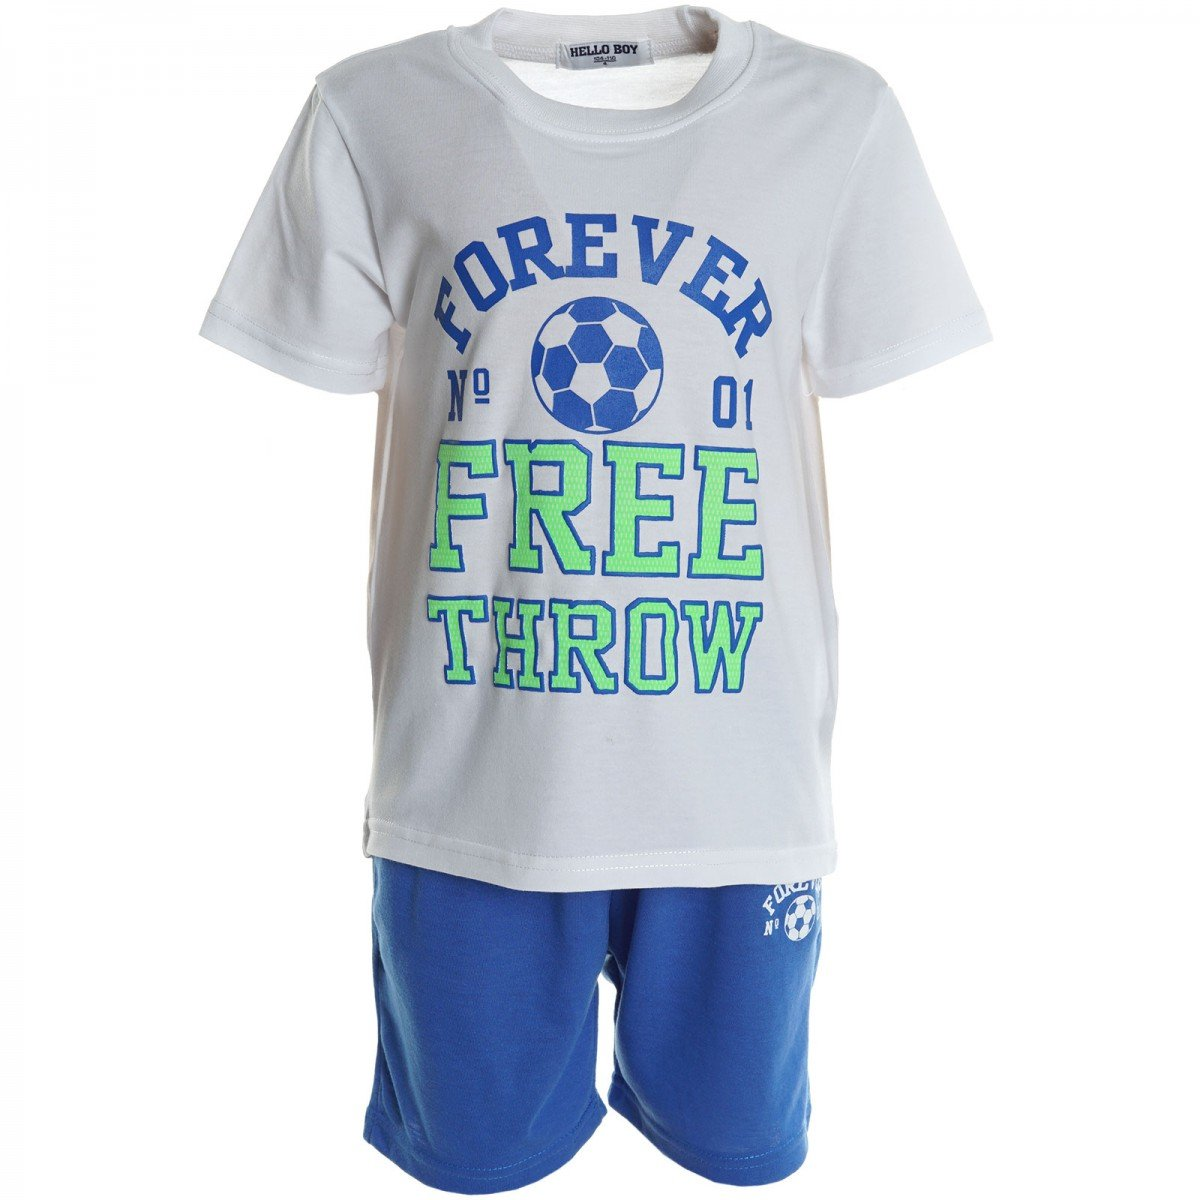 BEZLIT Jungen Set T-Shirt Hose 2tl Set 20515